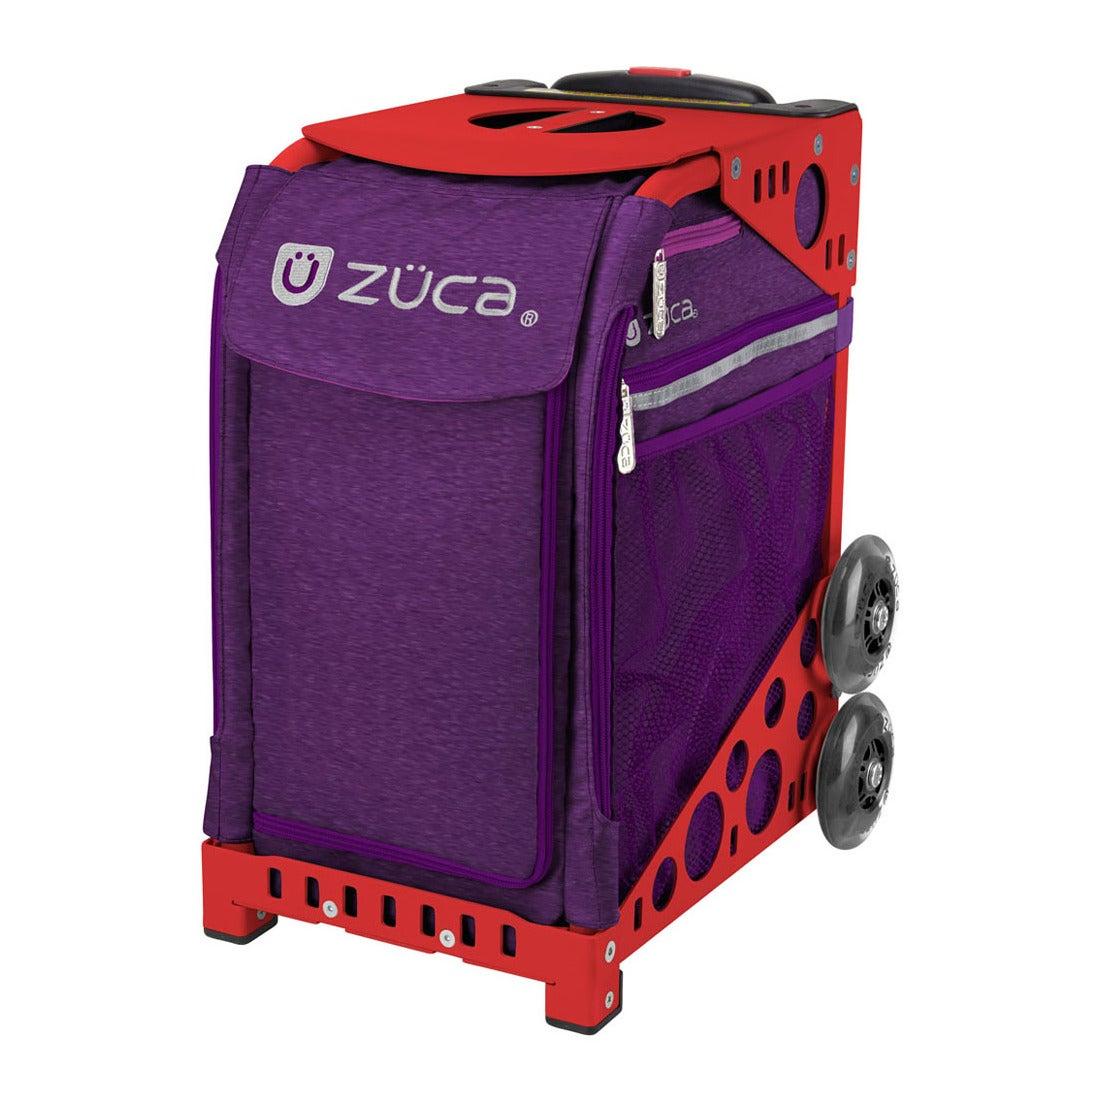 ロコンド 靴とファッションの通販サイト【セット販売】ZUCAスポーツCosmicPurple100401Red